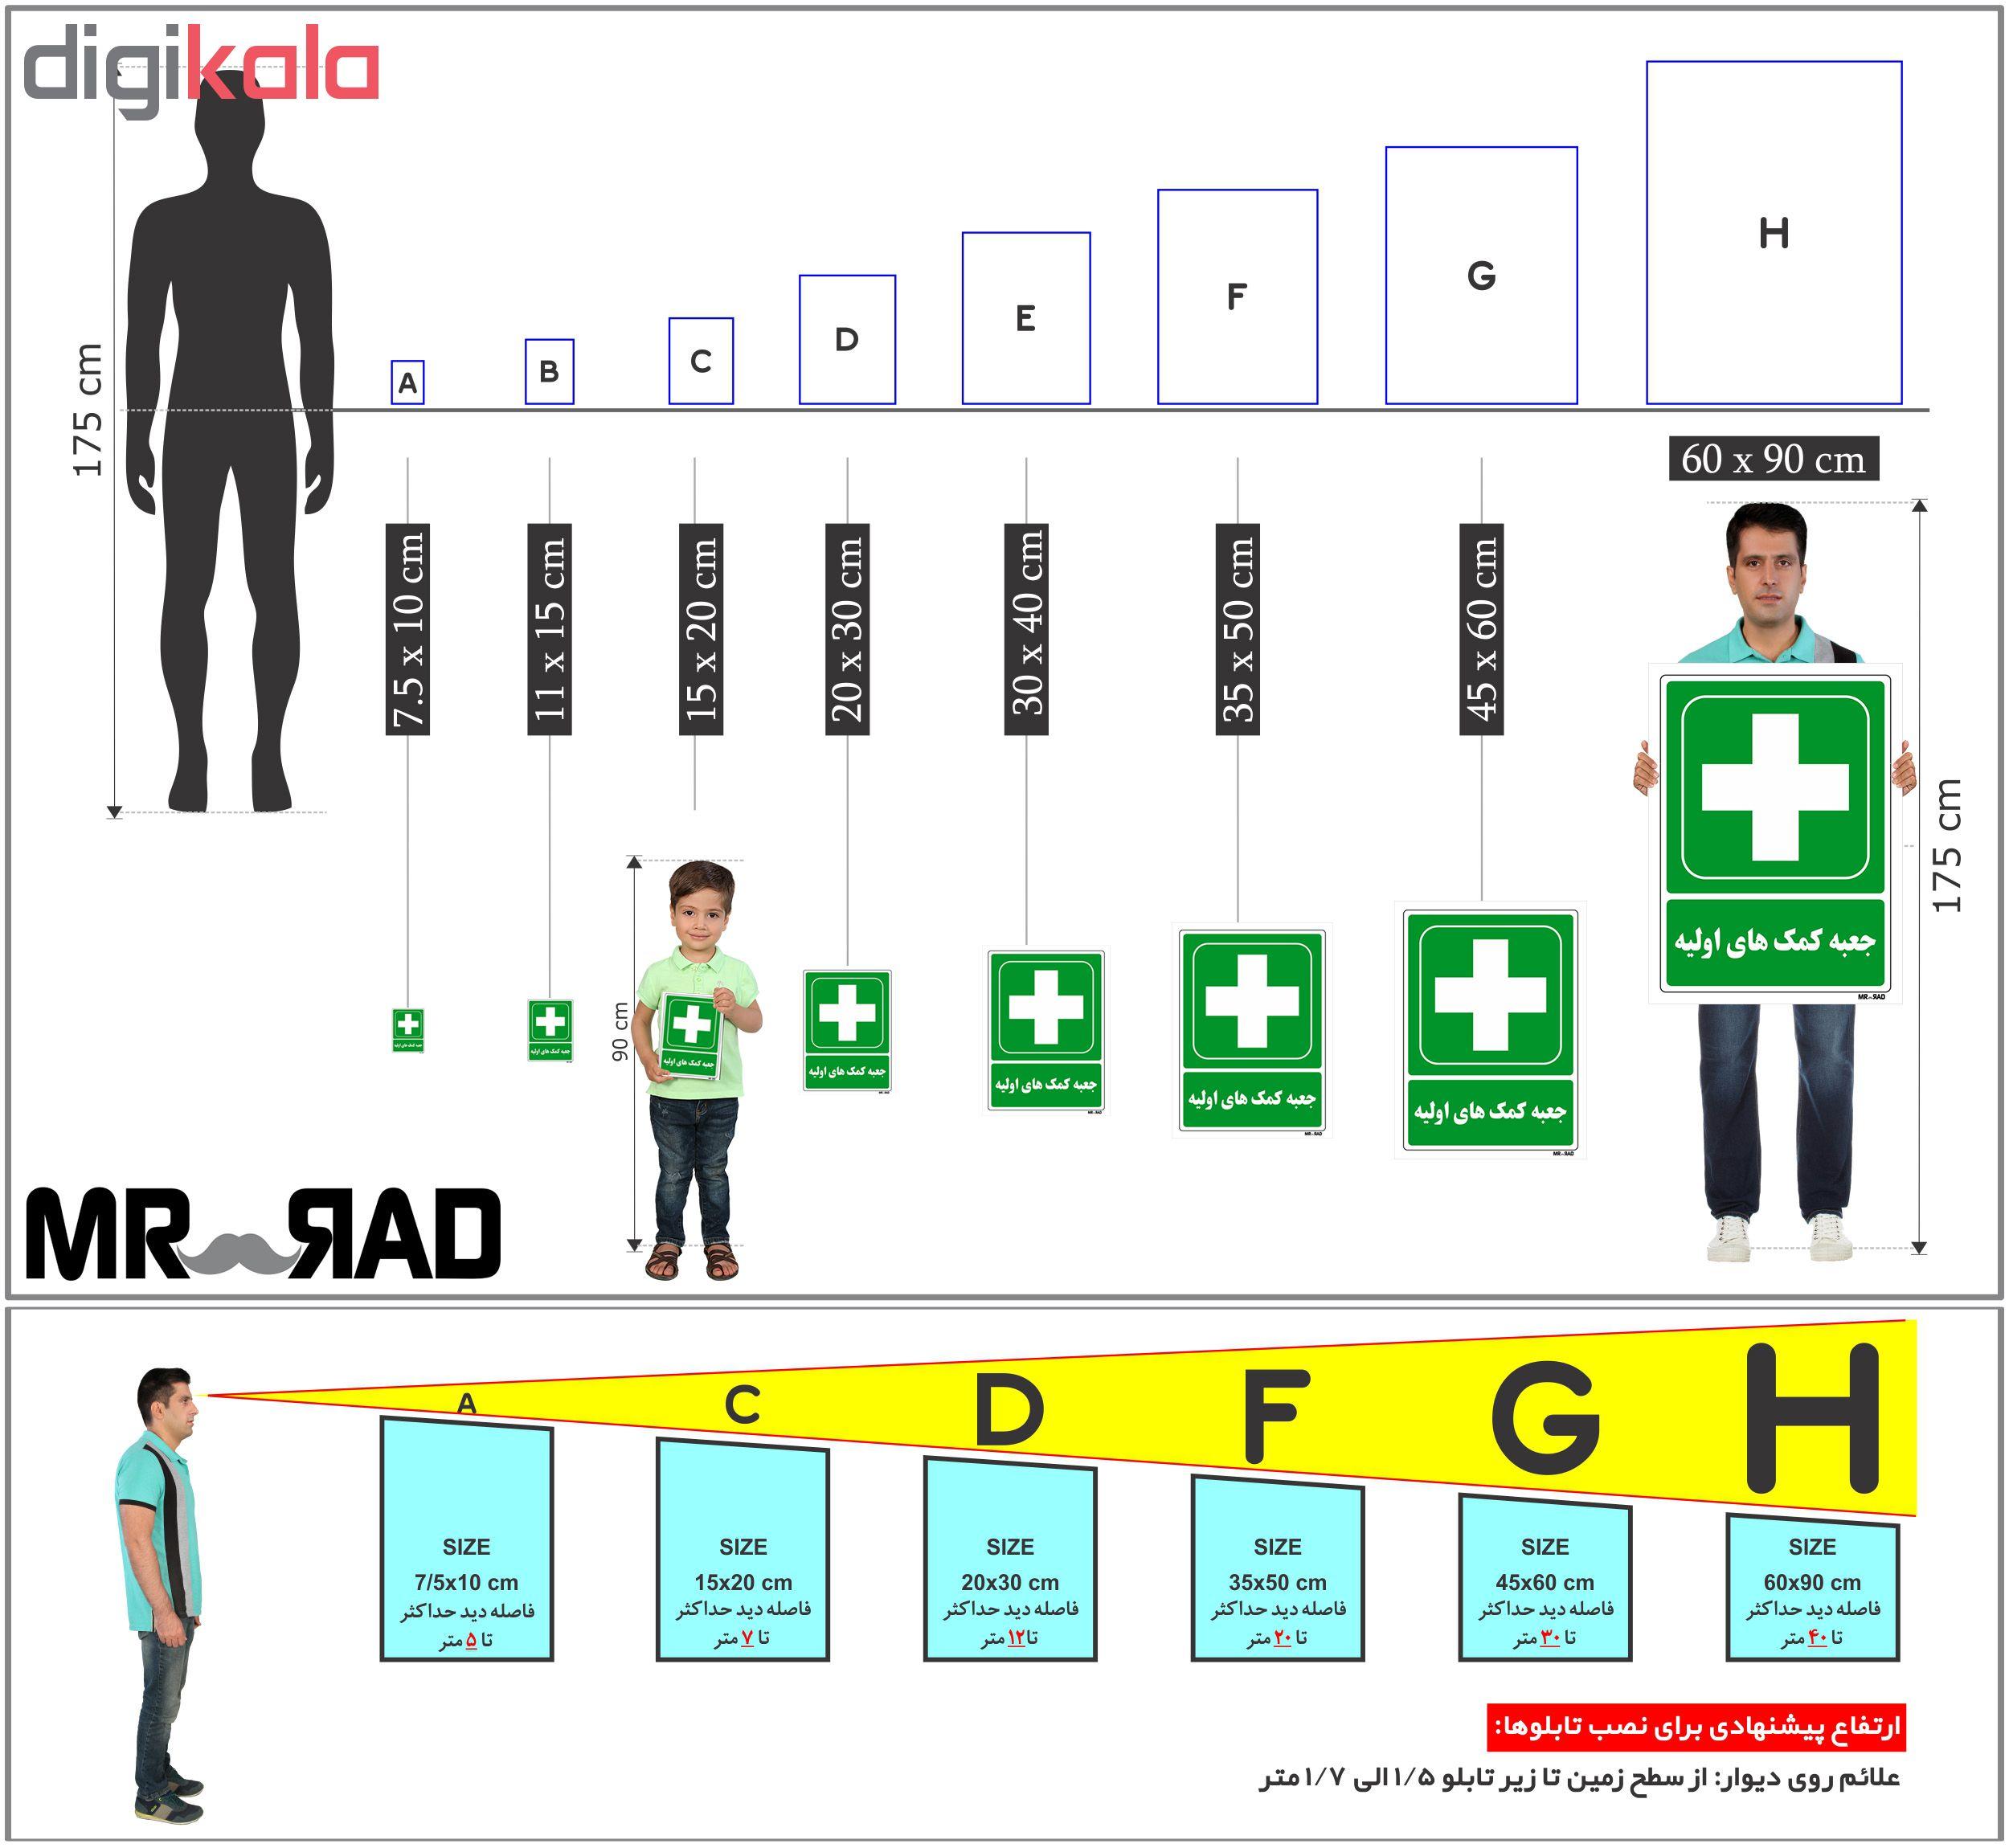 برچسب شرایط ایمن FG طرح جعبه کمک های اولیه کد LG178 بسته 2 عددی